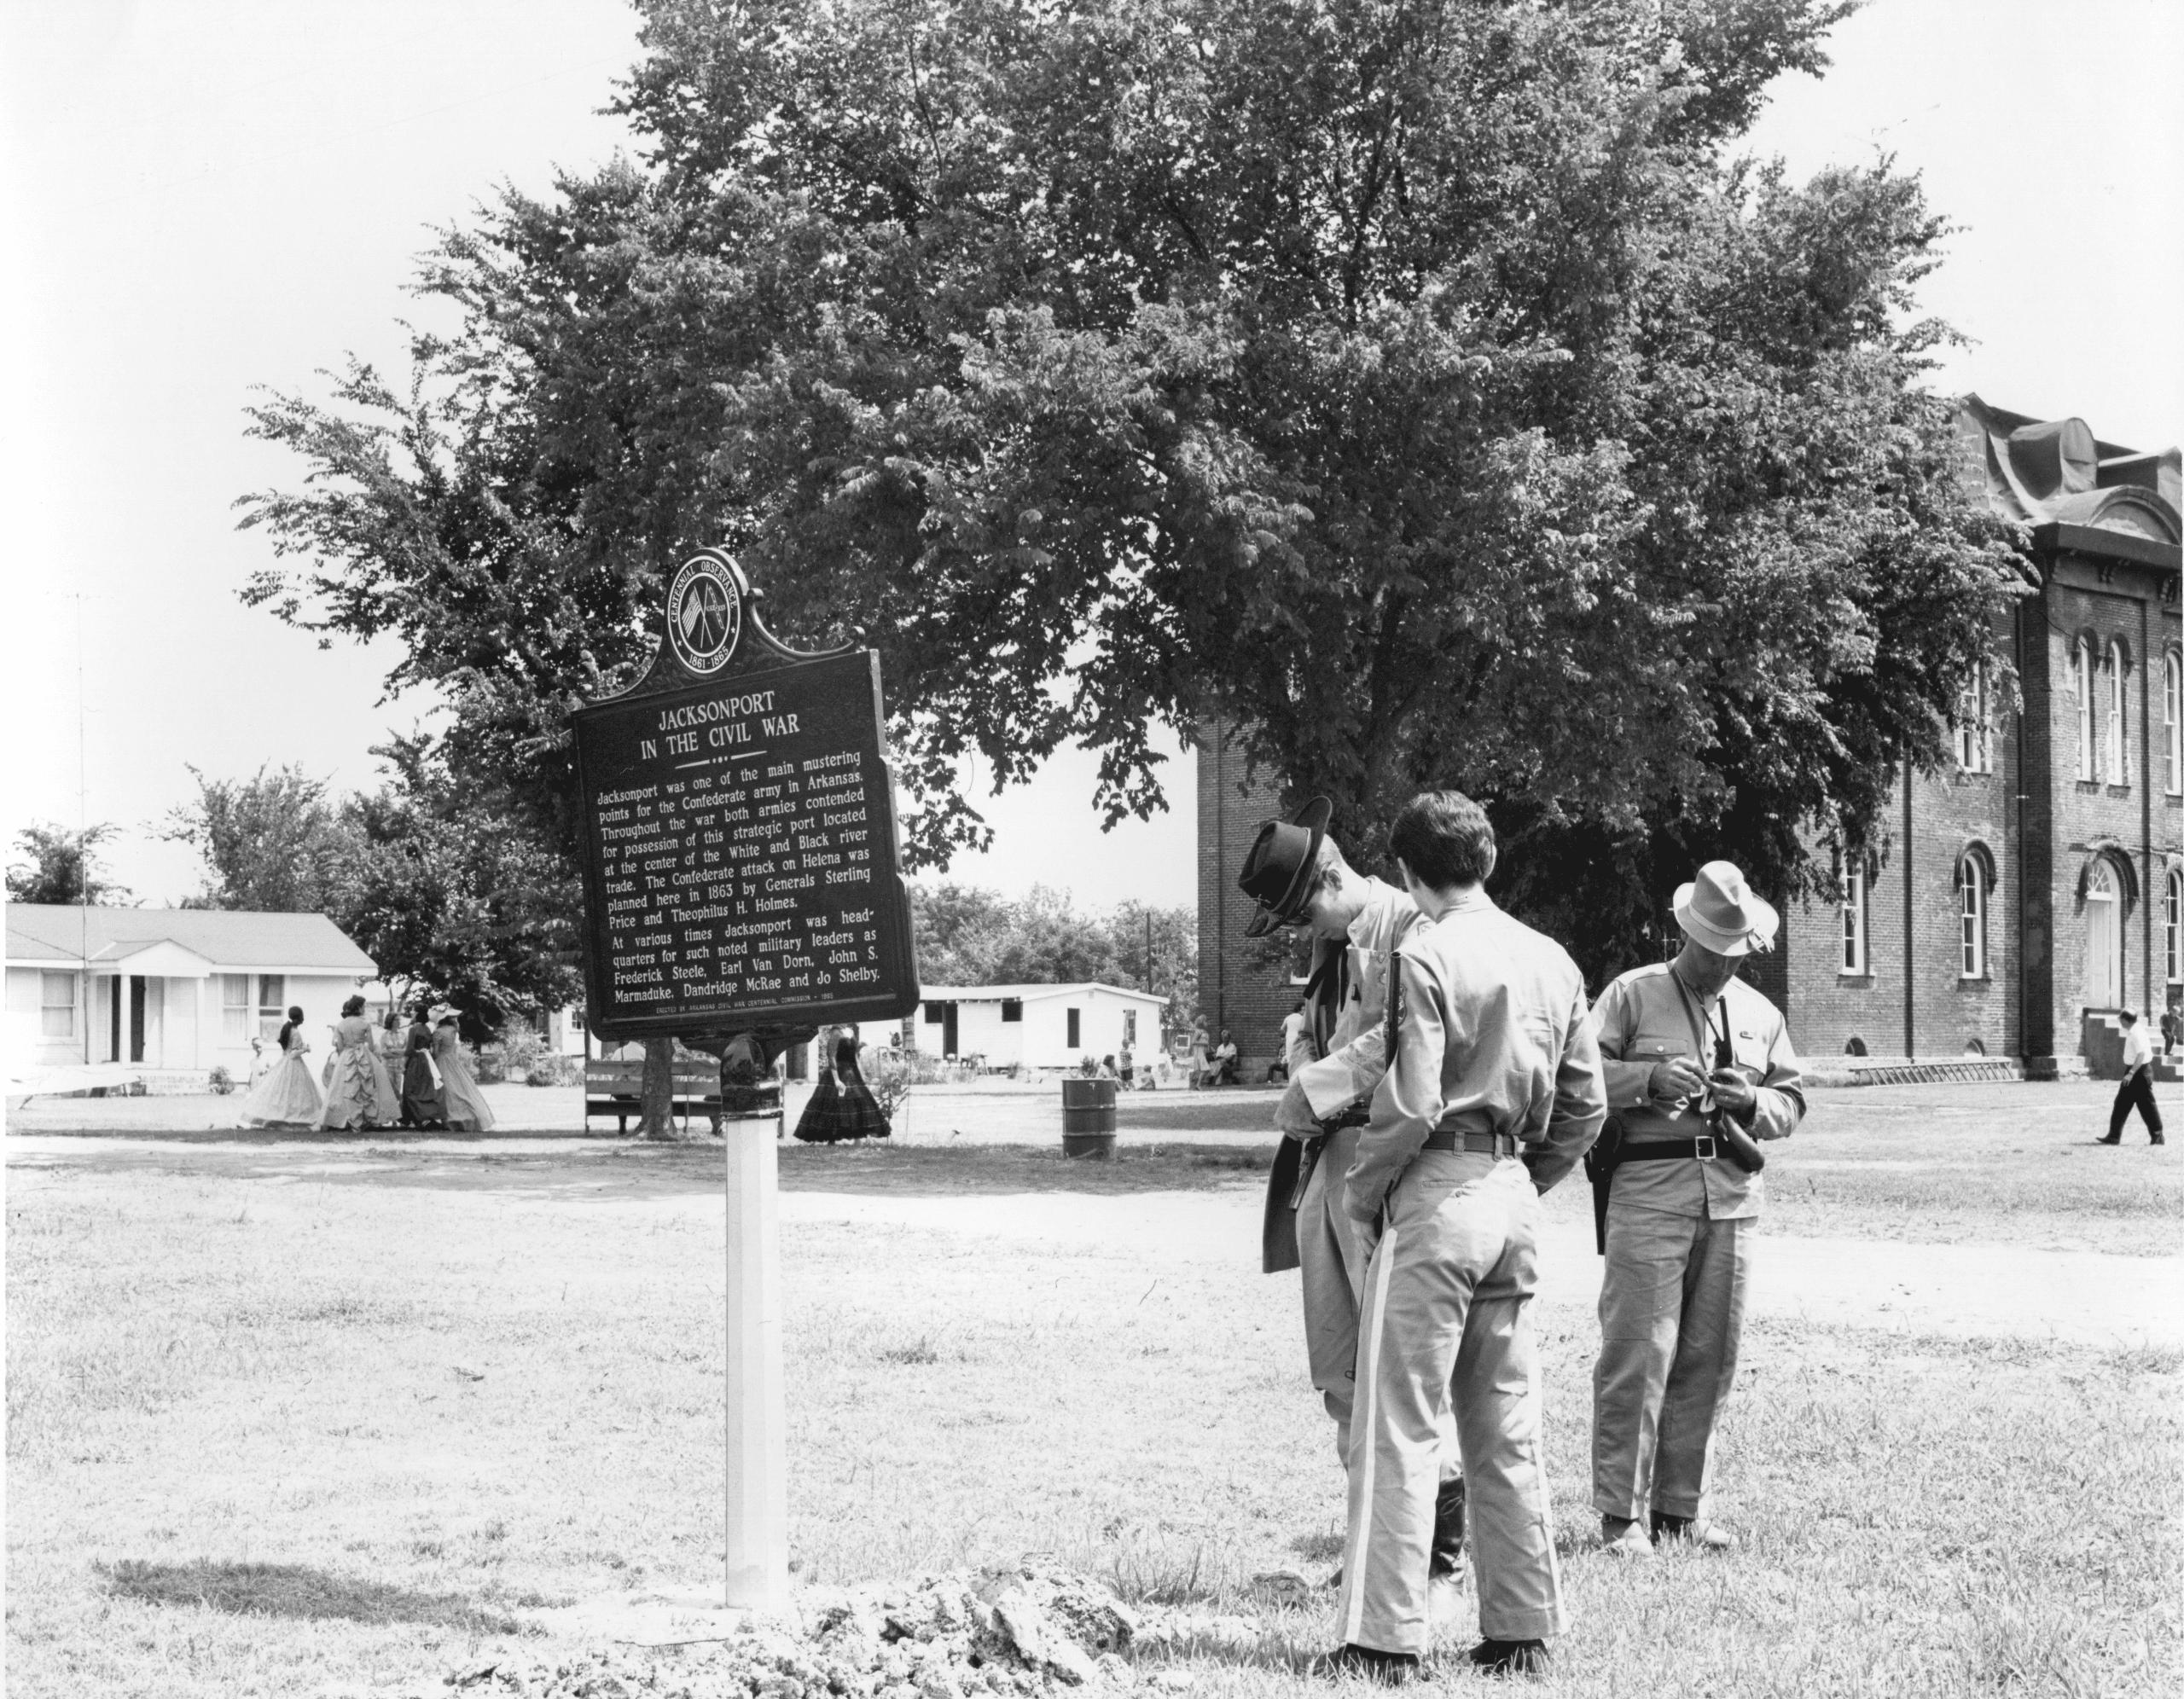 1960's – Reenactors at Jacksonport